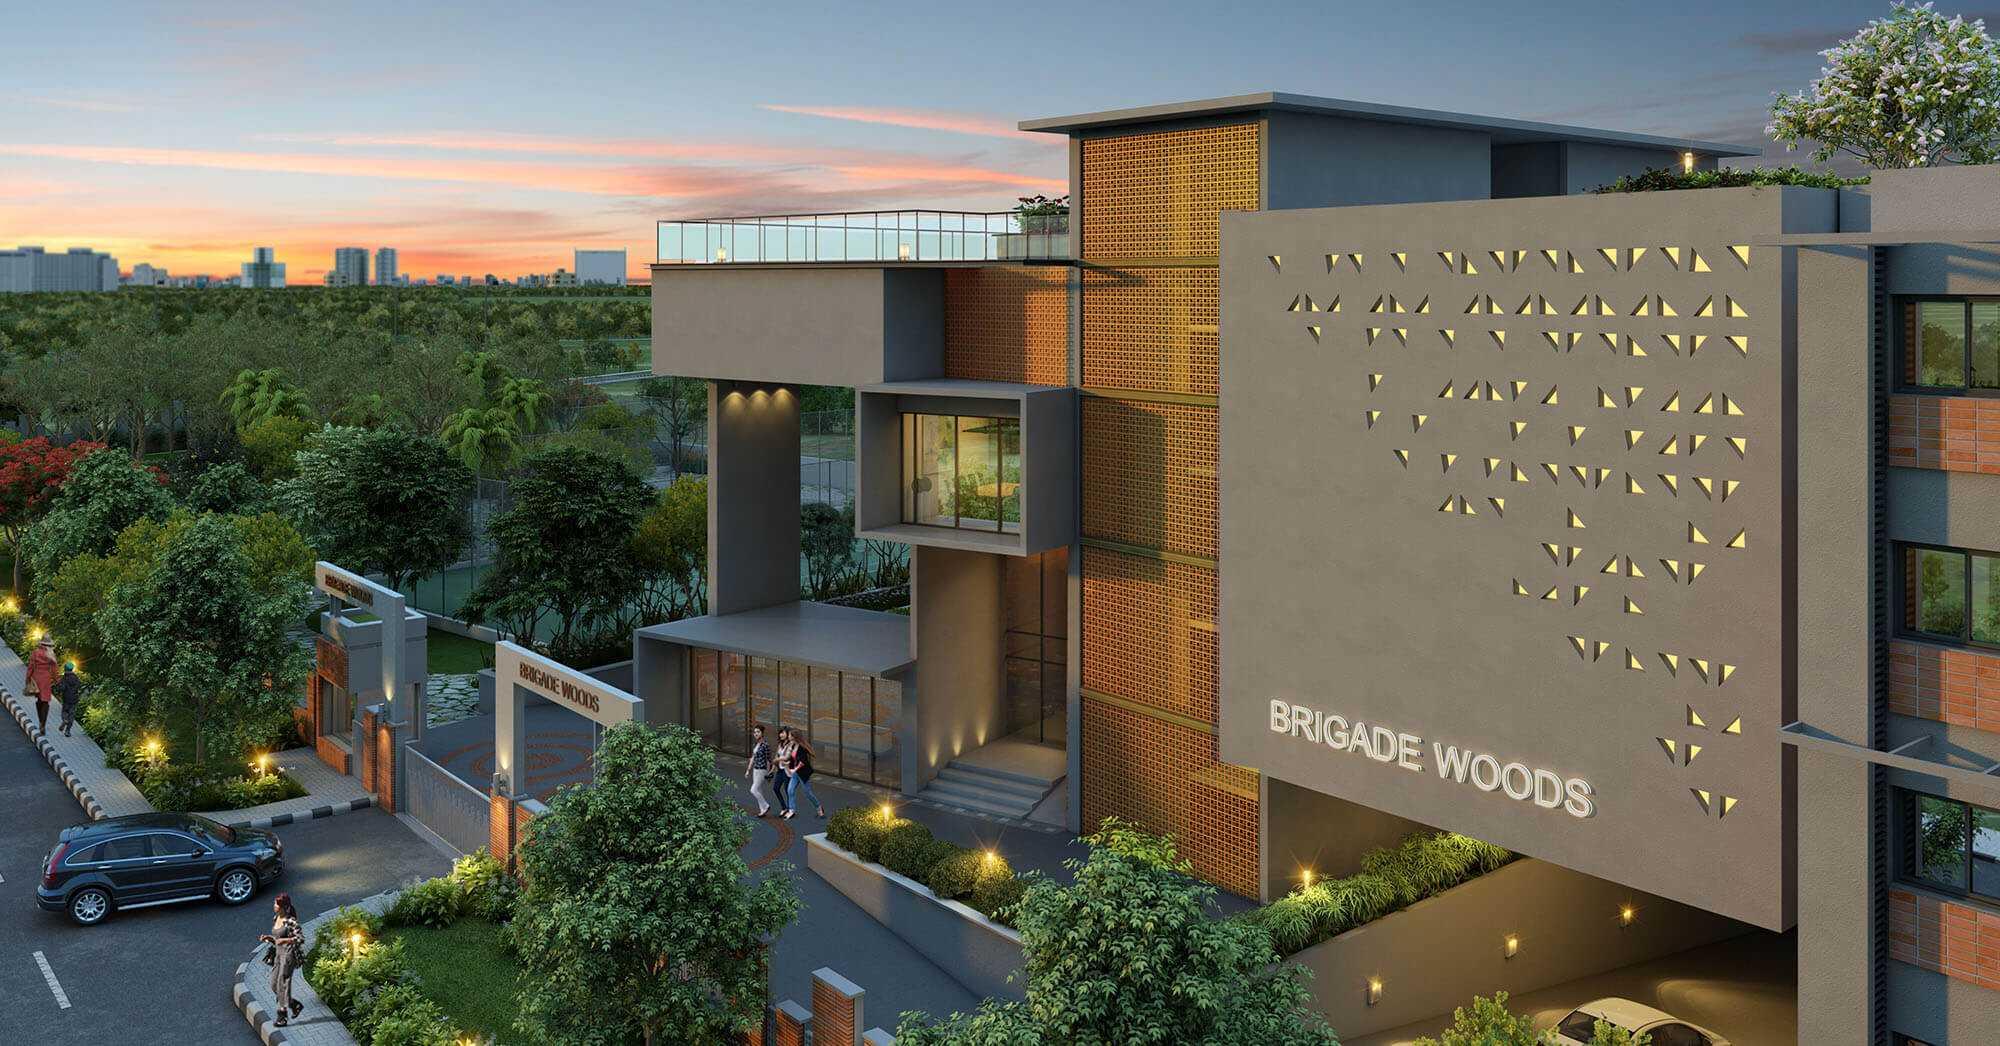 Brigade Woods